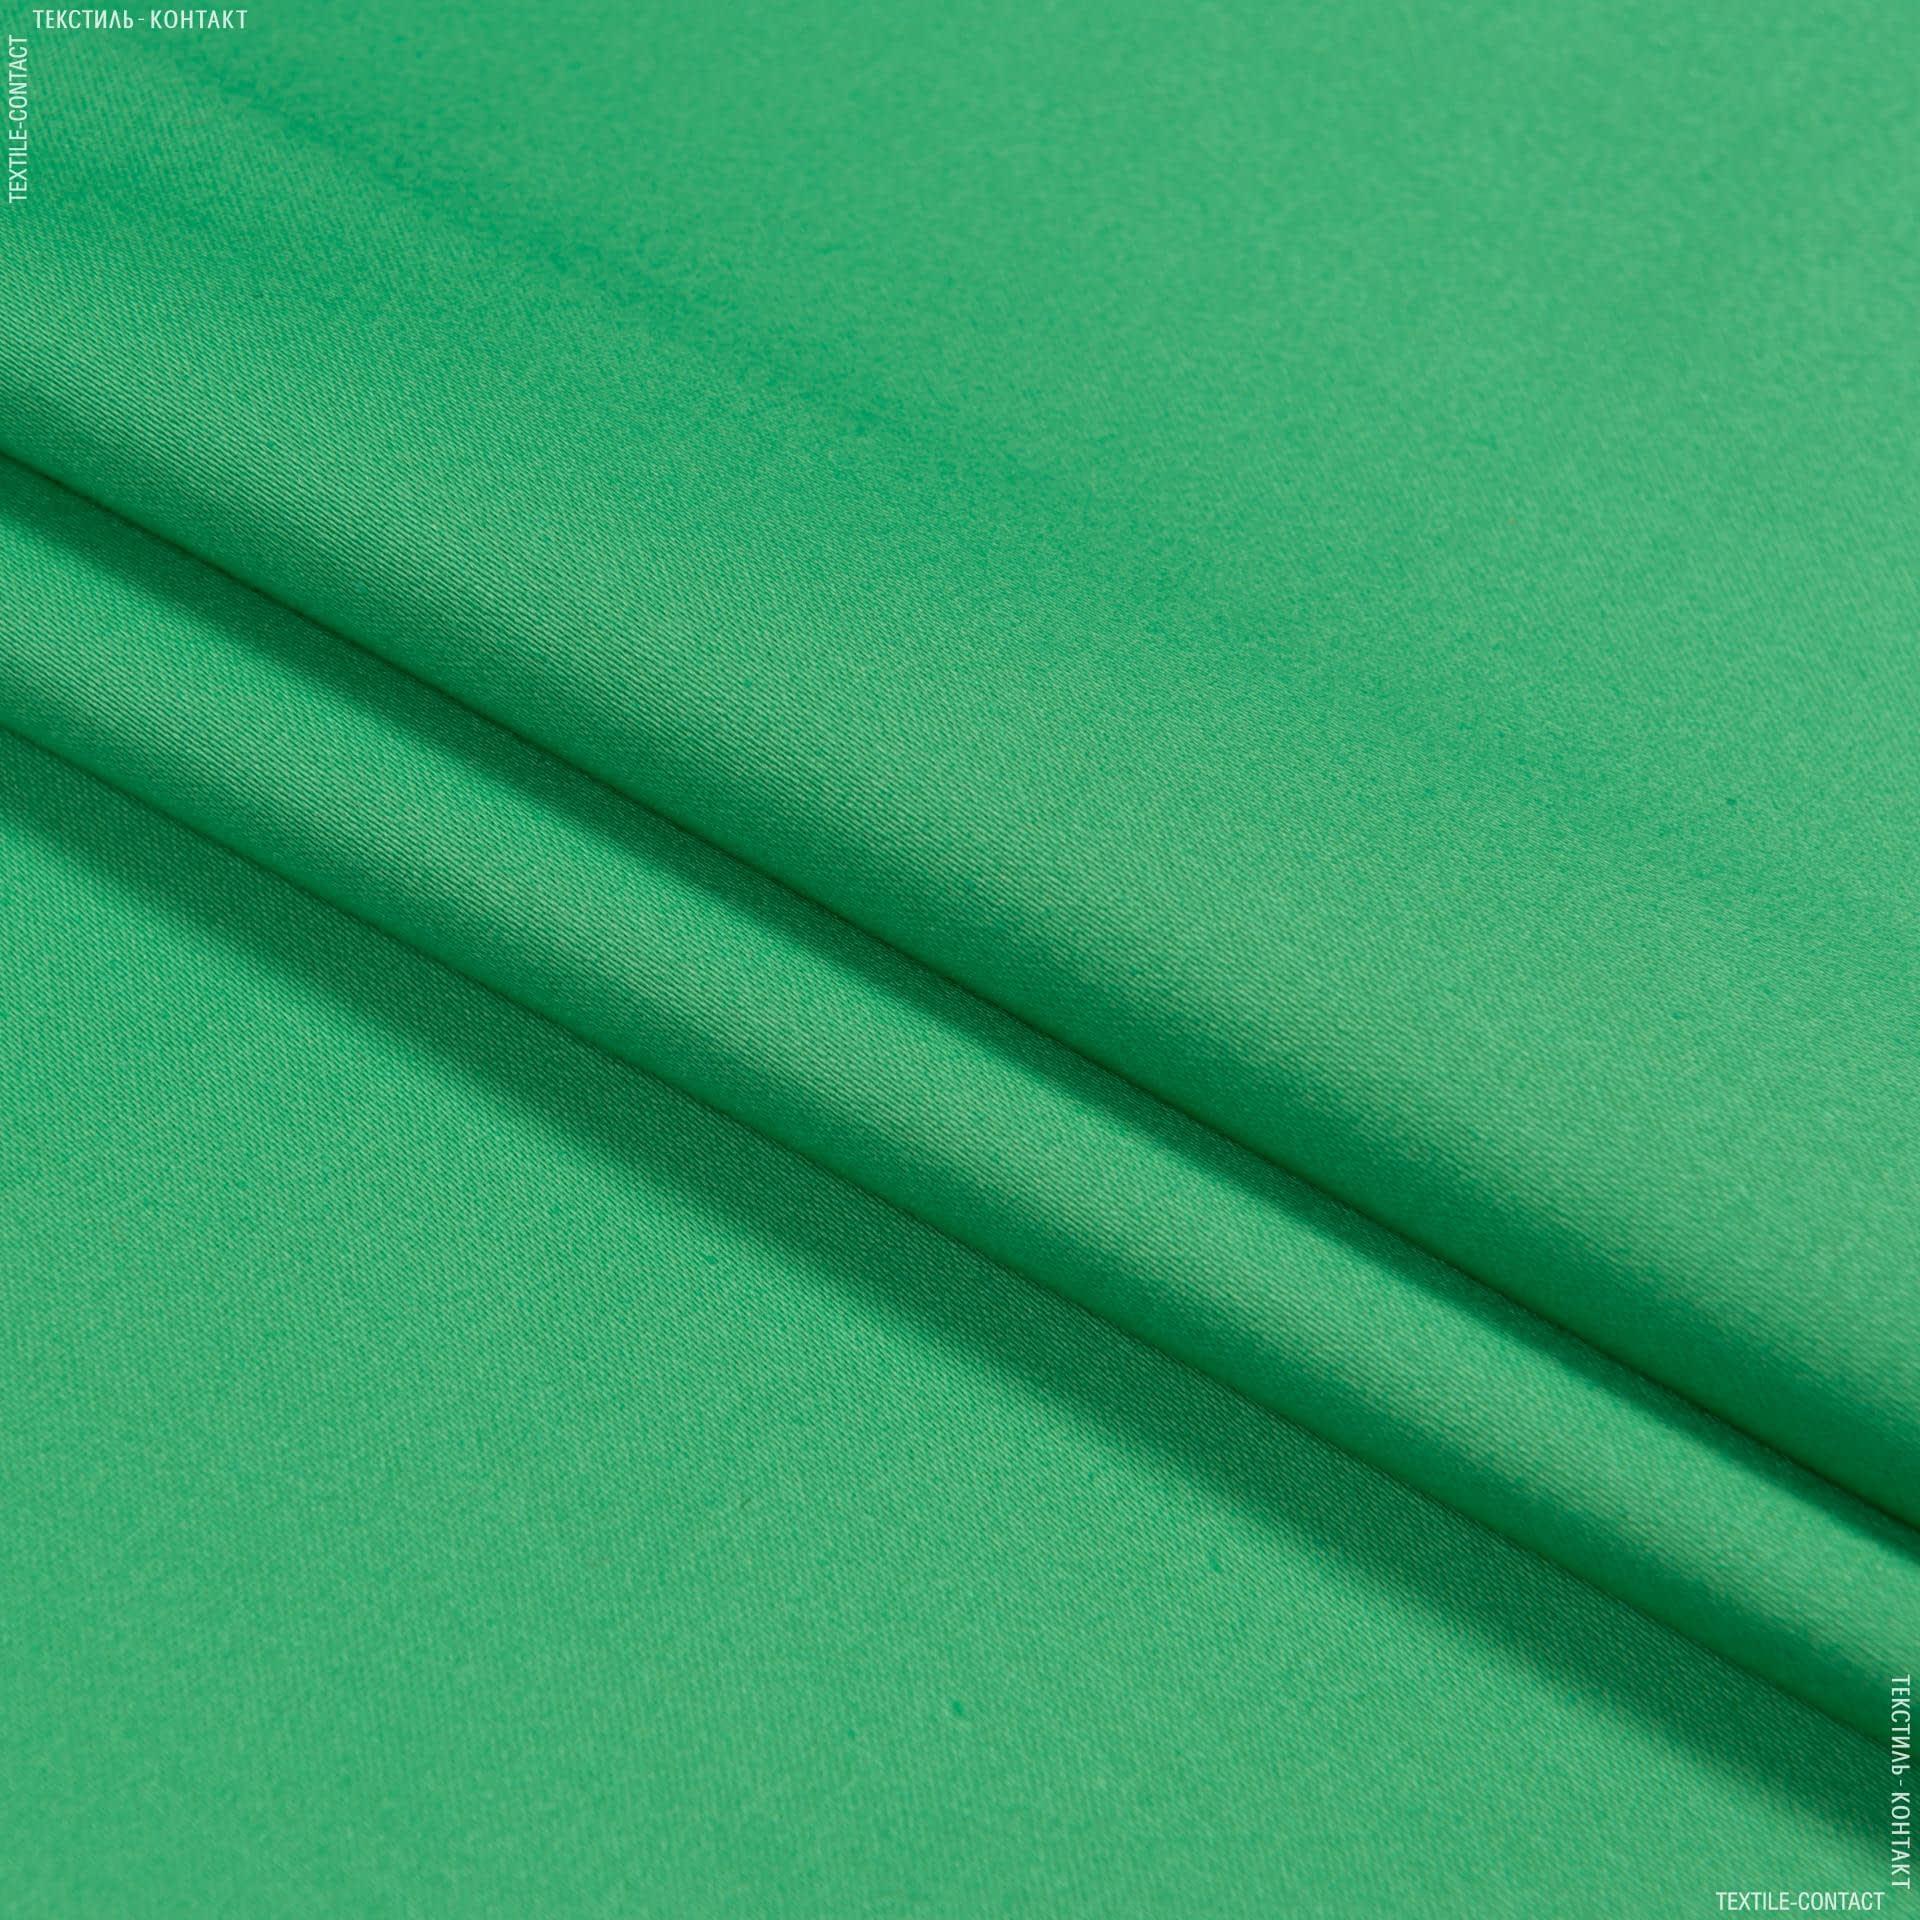 Ткани для брюк - Коттон-сатин лайт стрейч салатовый